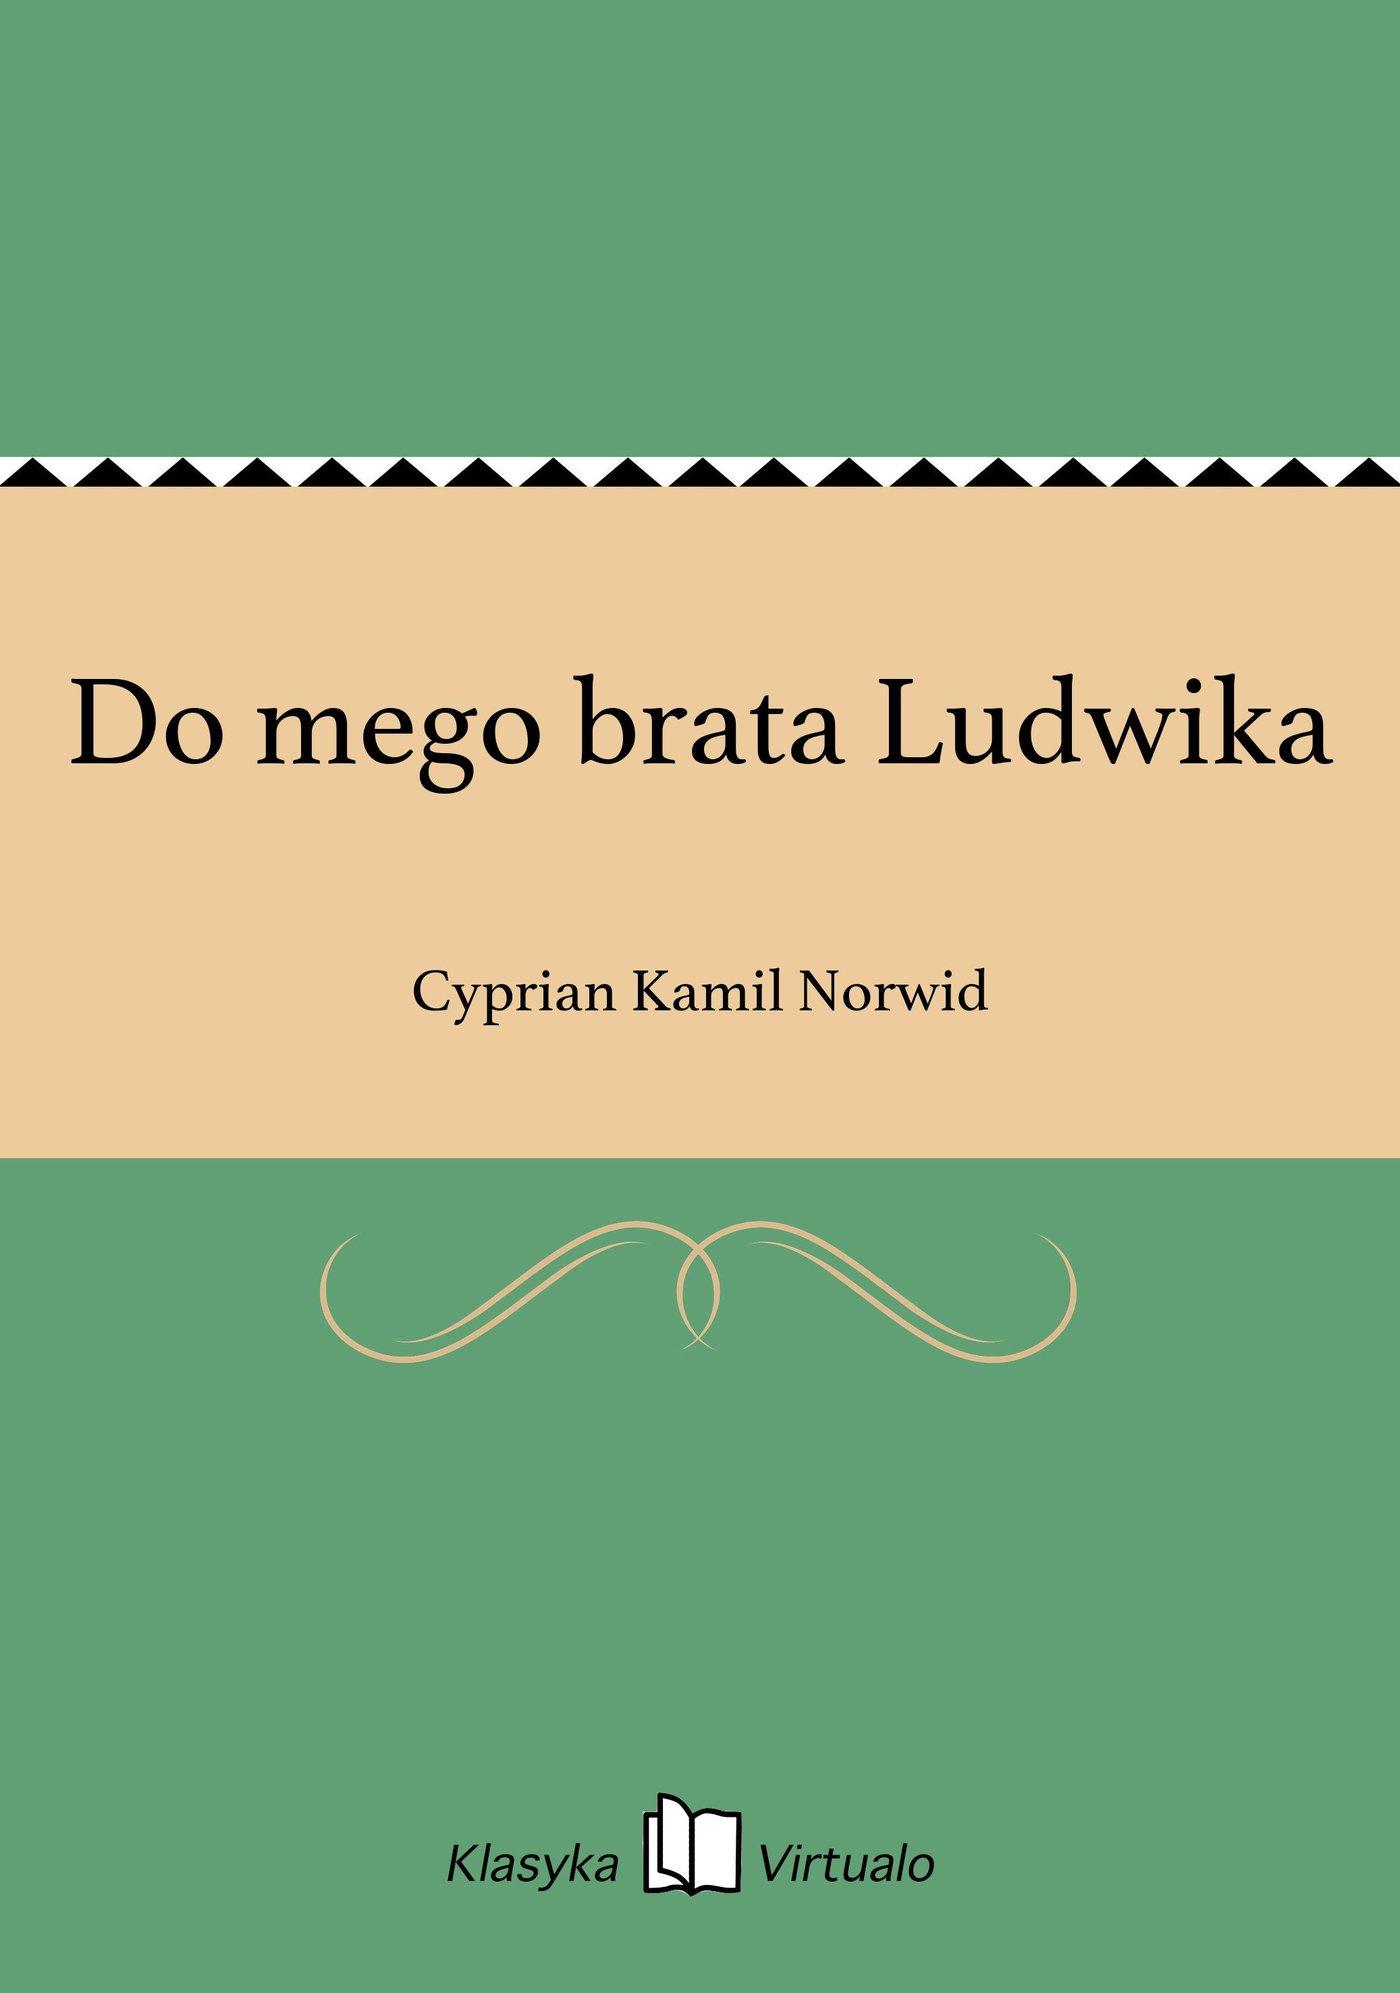 Do mego brata Ludwika - Ebook (Książka EPUB) do pobrania w formacie EPUB